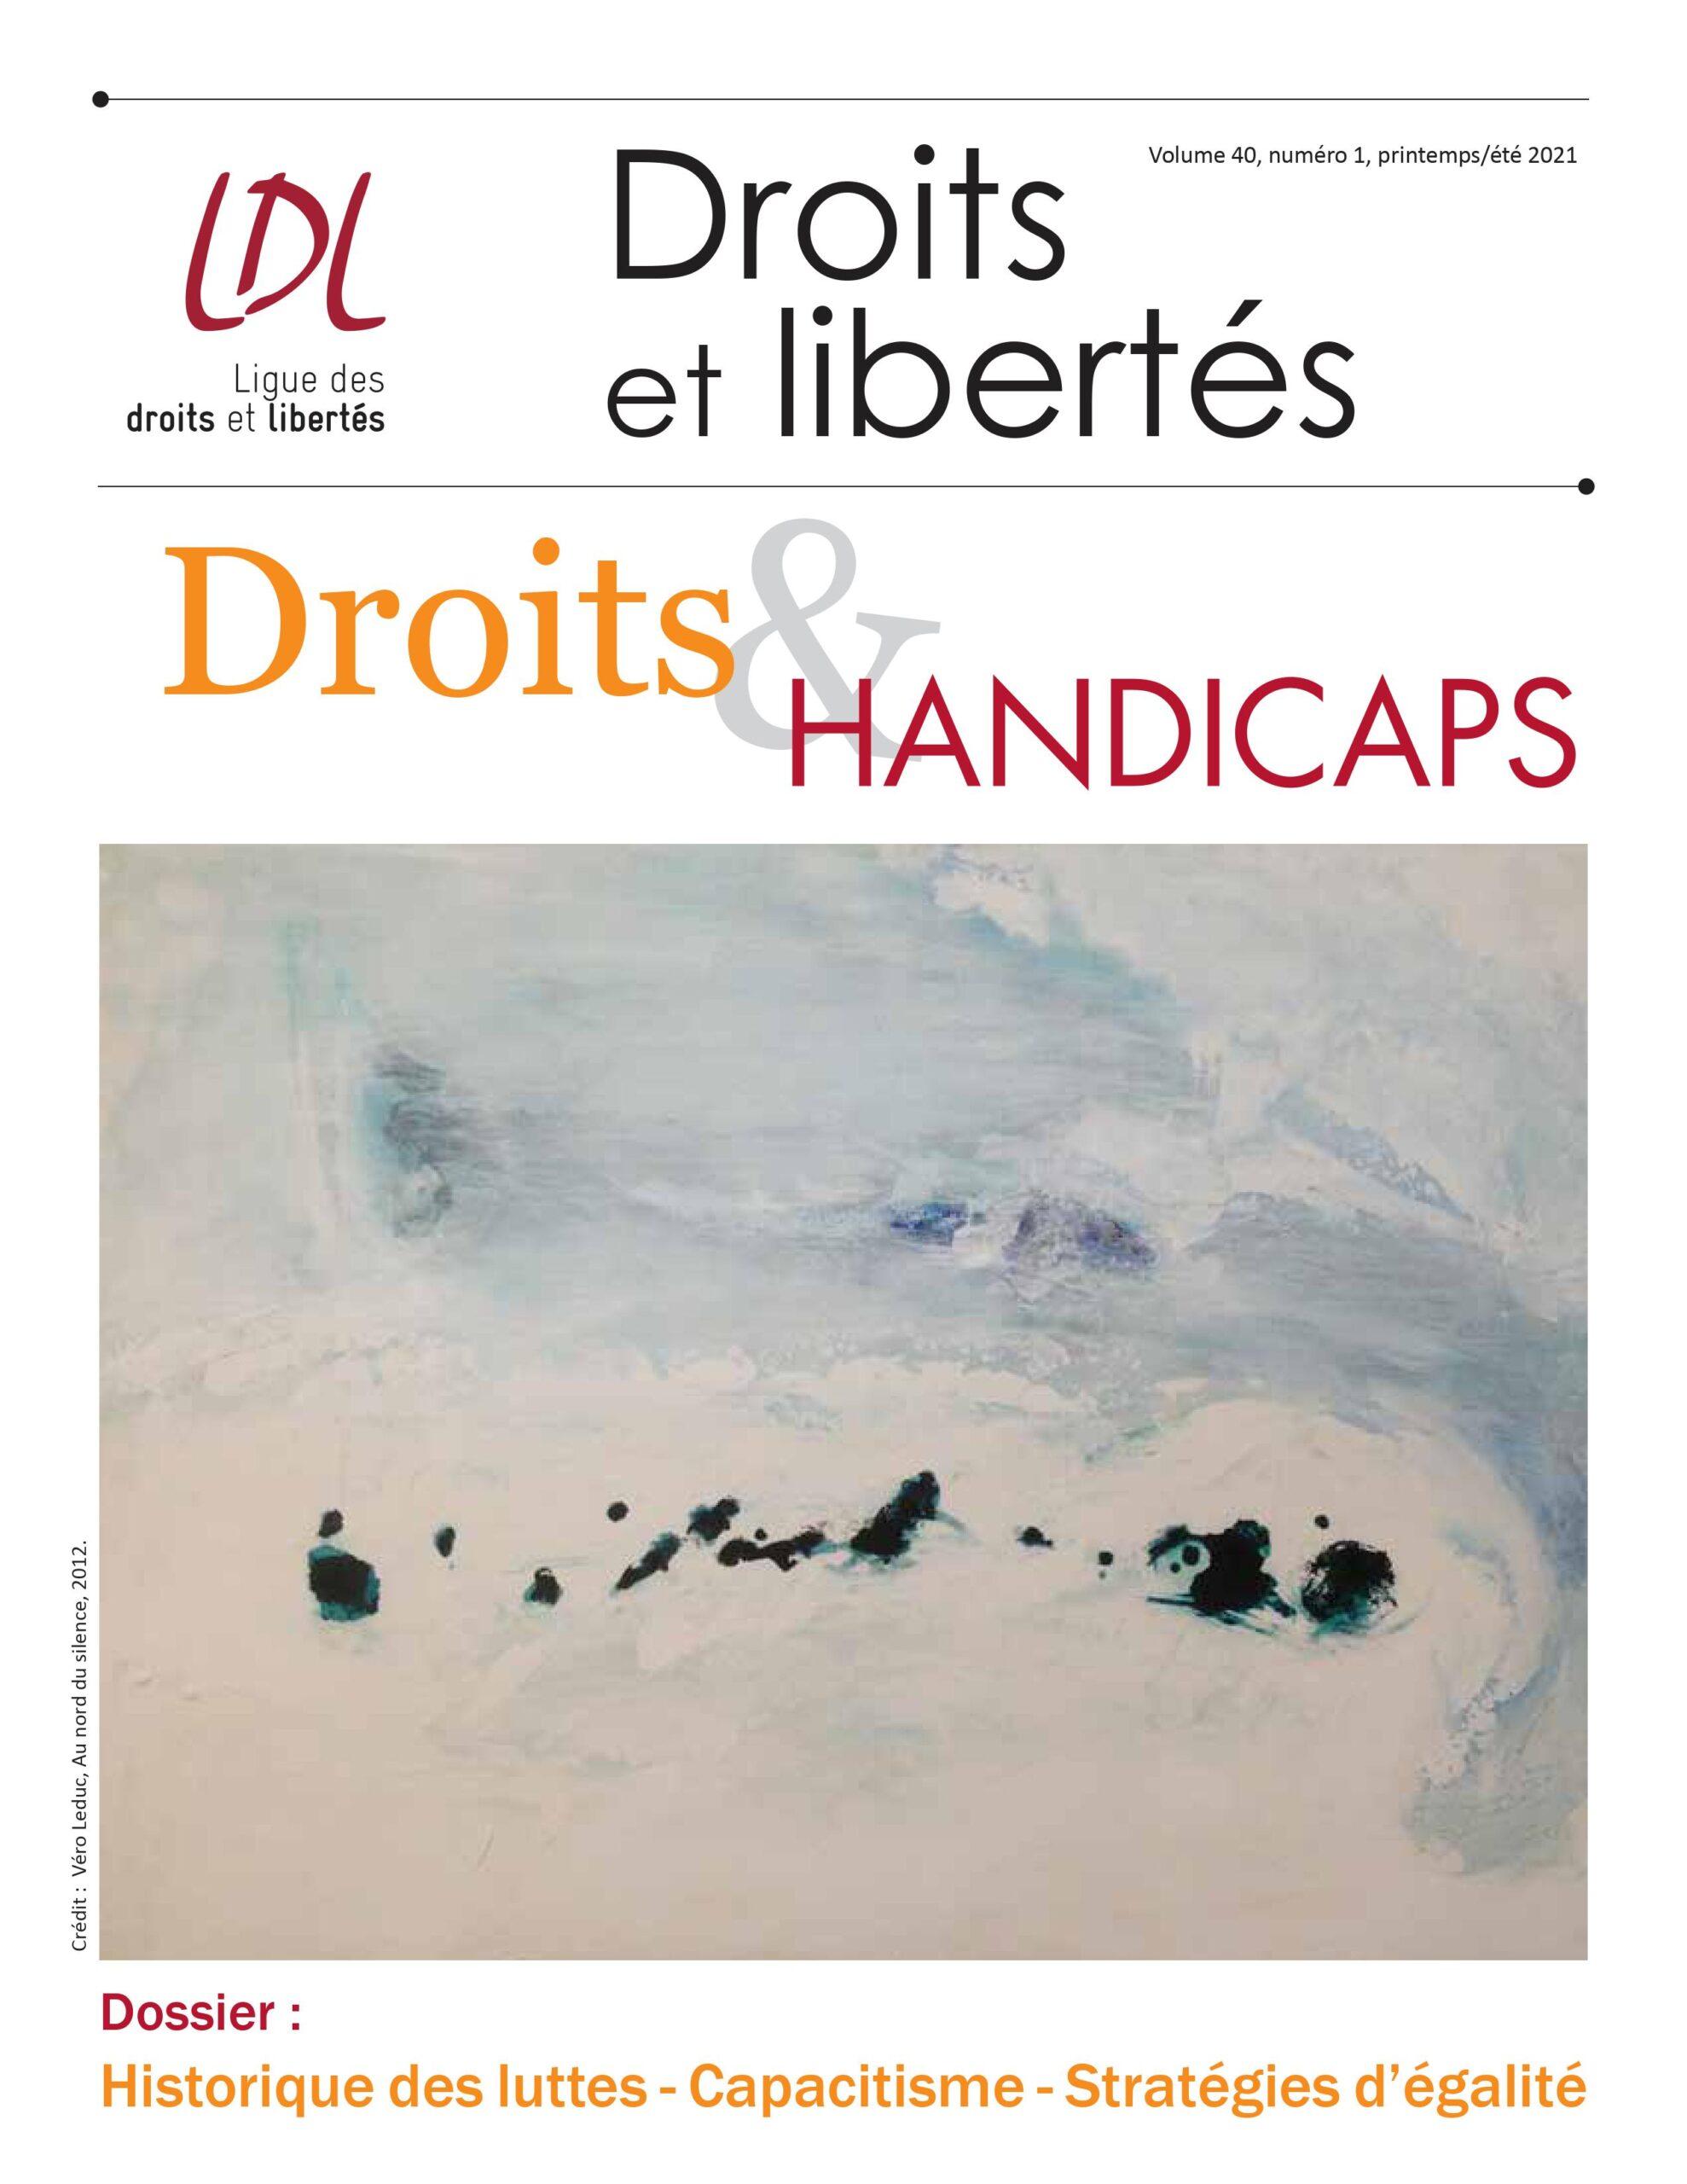 couverture_revue_droits_et_handicaps_2021-scaled.jpg